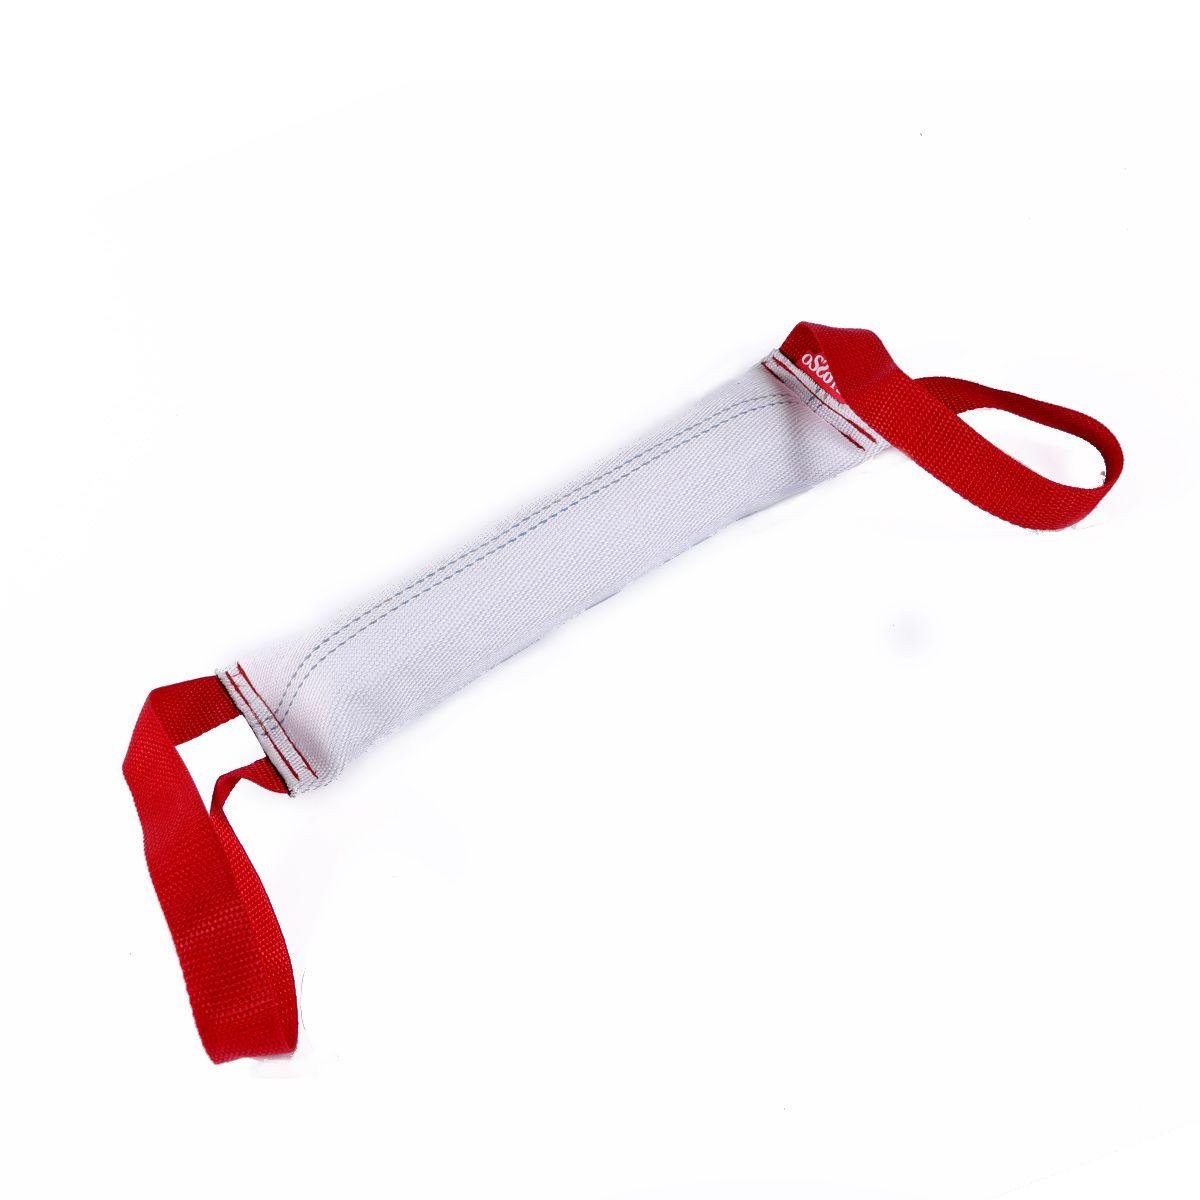 Игрушка для собак OSSO Fashion Кусалка, с двумя ручками, длина 40 смИк-1005Кусалка для собак с двумя ручками OSSO Fashion Предназначена для игр и развития спортивных навыков собаки, в том числе для игр, развивающих хватку. Может использоваться в качестве апортировочного предмета. Изготовлена из пожарного шланга, прочная. Диаметр шланга 65мм